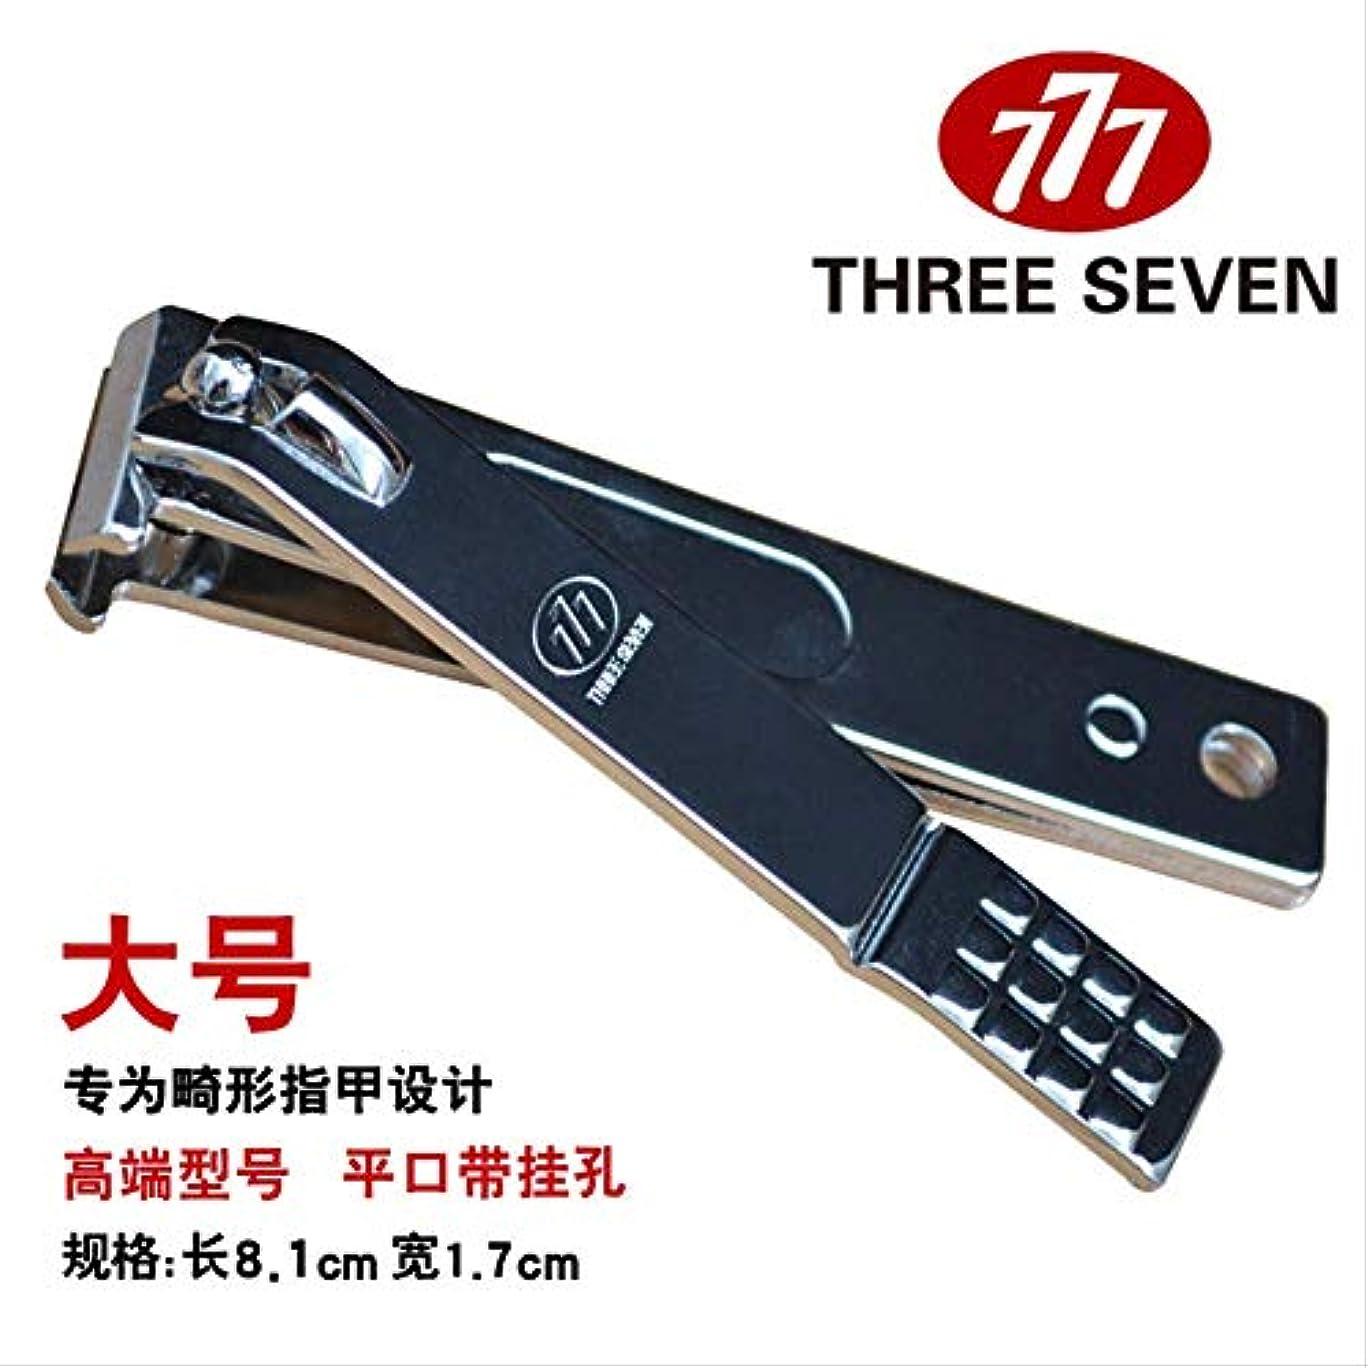 特定のラリーマイナー韓国777爪切りはさみ元平口斜め爪切り小さな爪切り大本物 N-240ZA